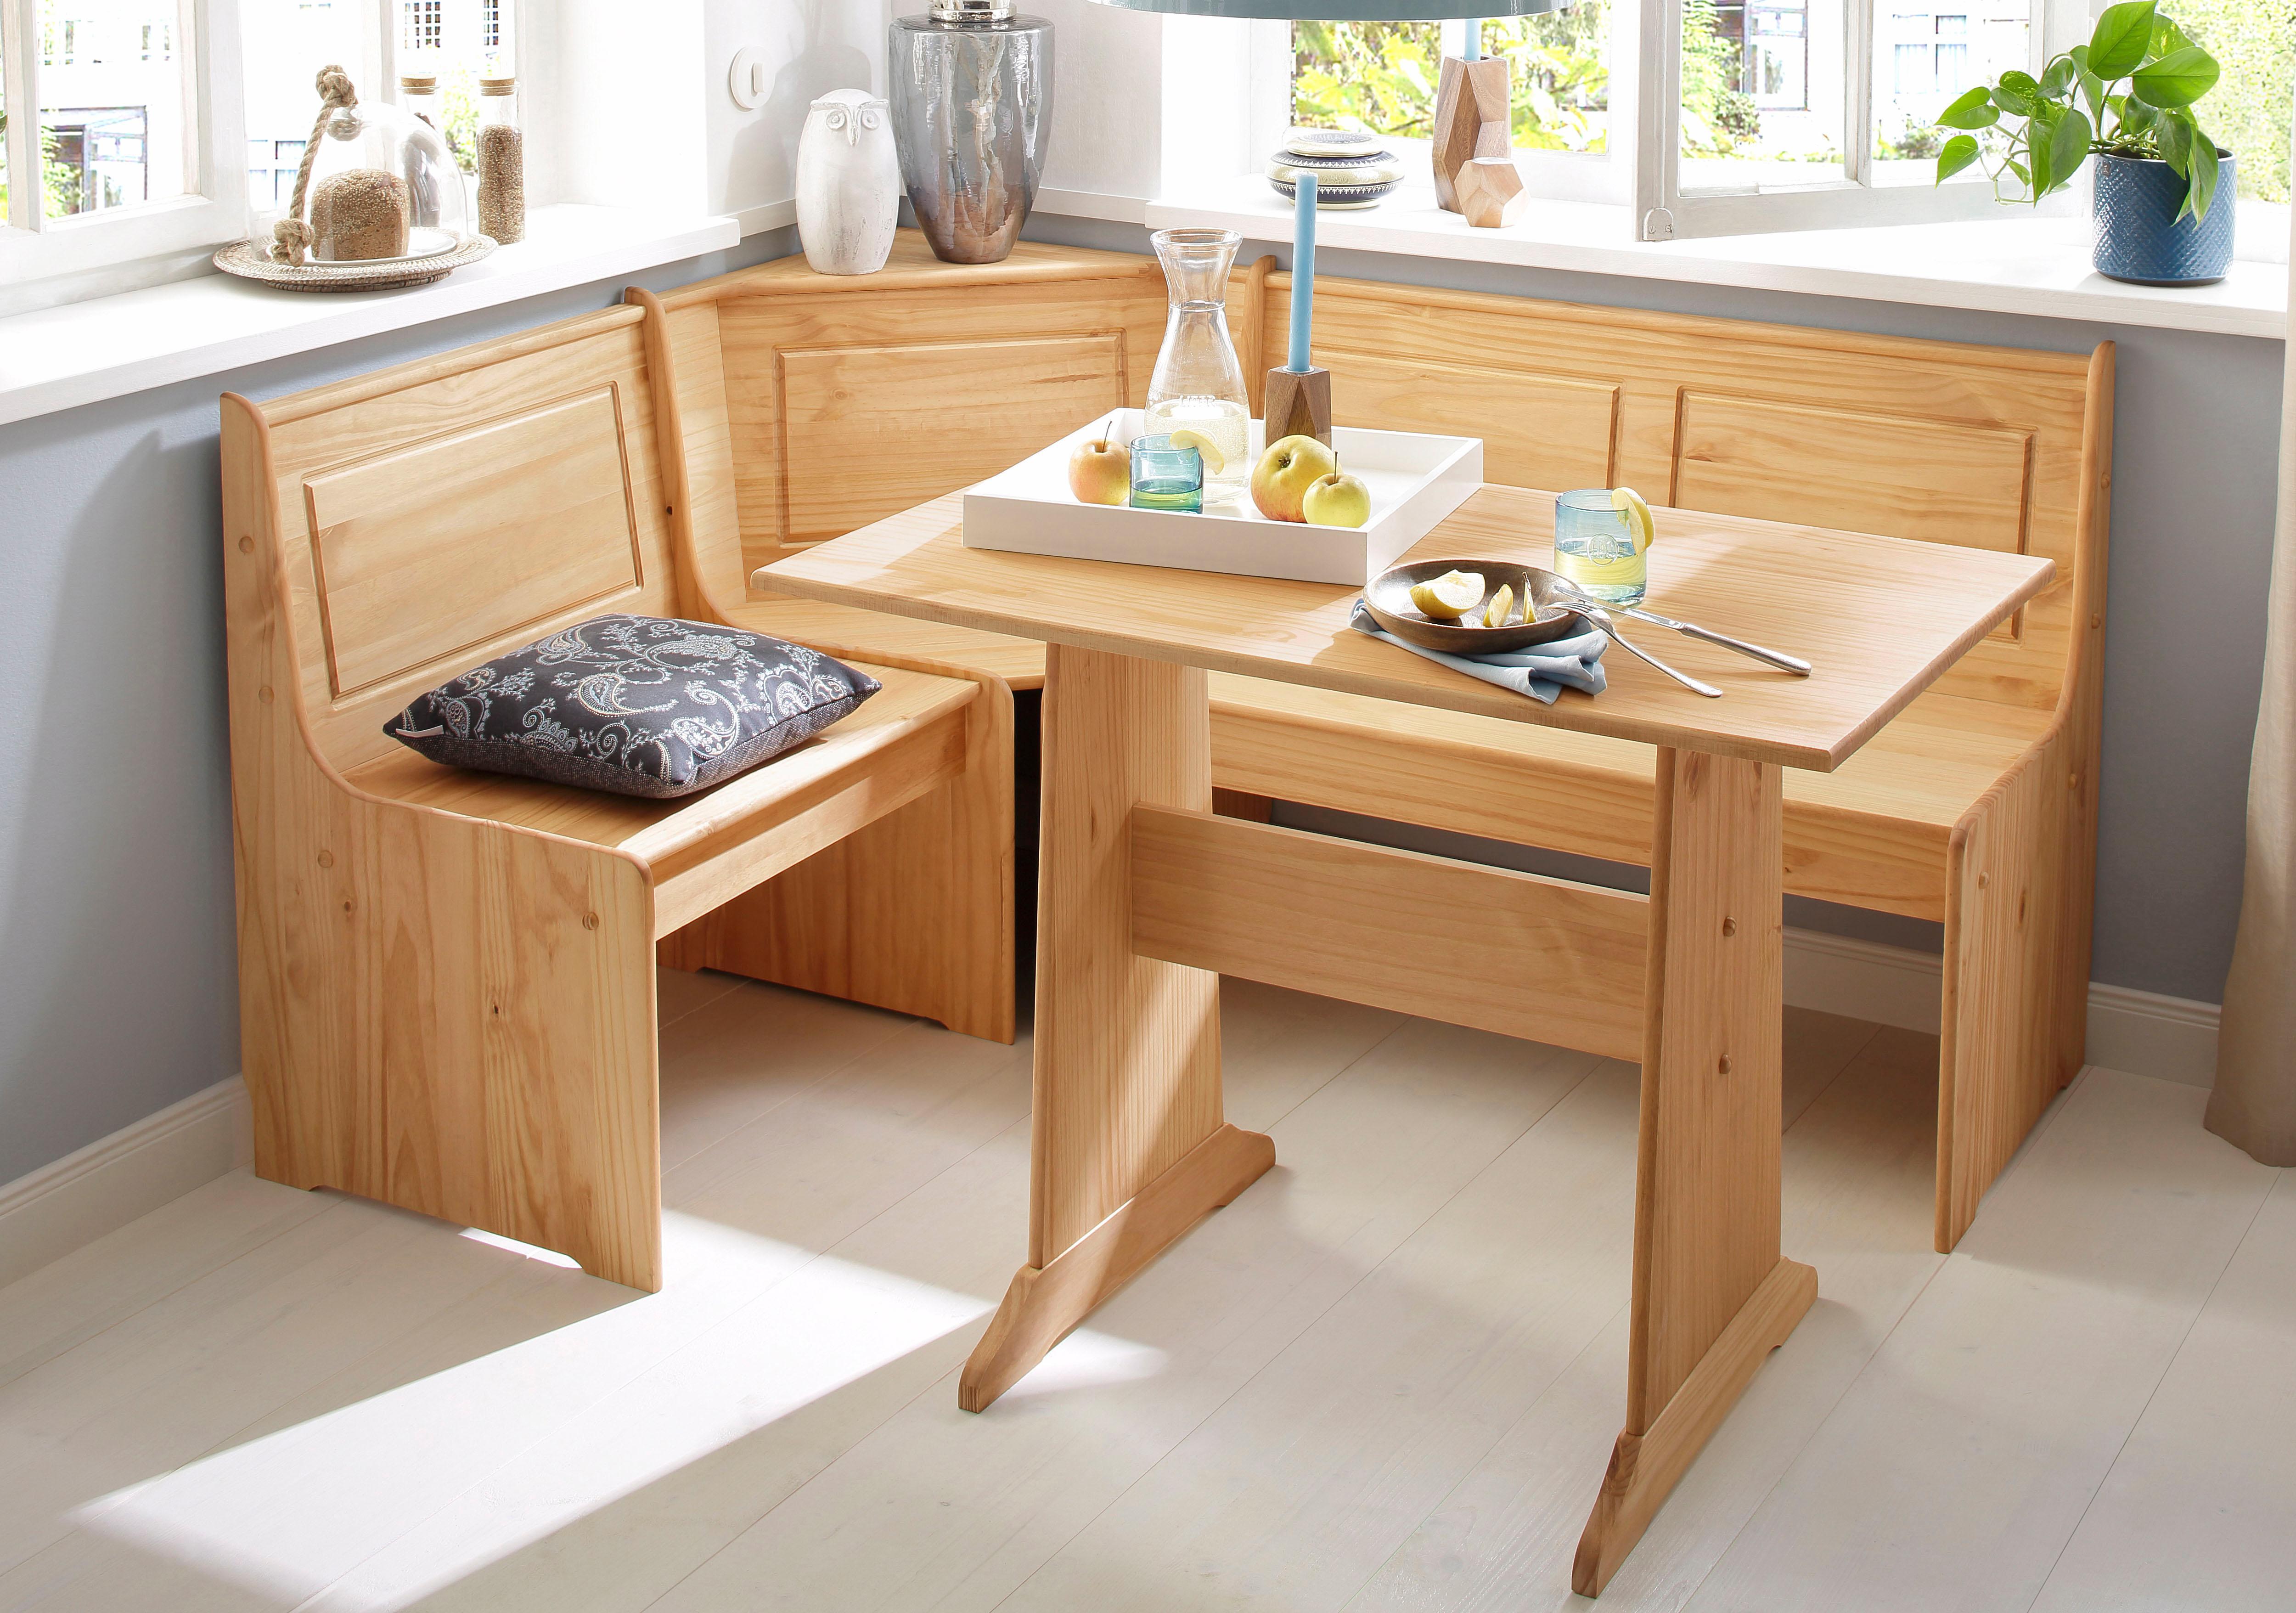 gartenbank mit tisch preisvergleich die besten angebote online kaufen. Black Bedroom Furniture Sets. Home Design Ideas